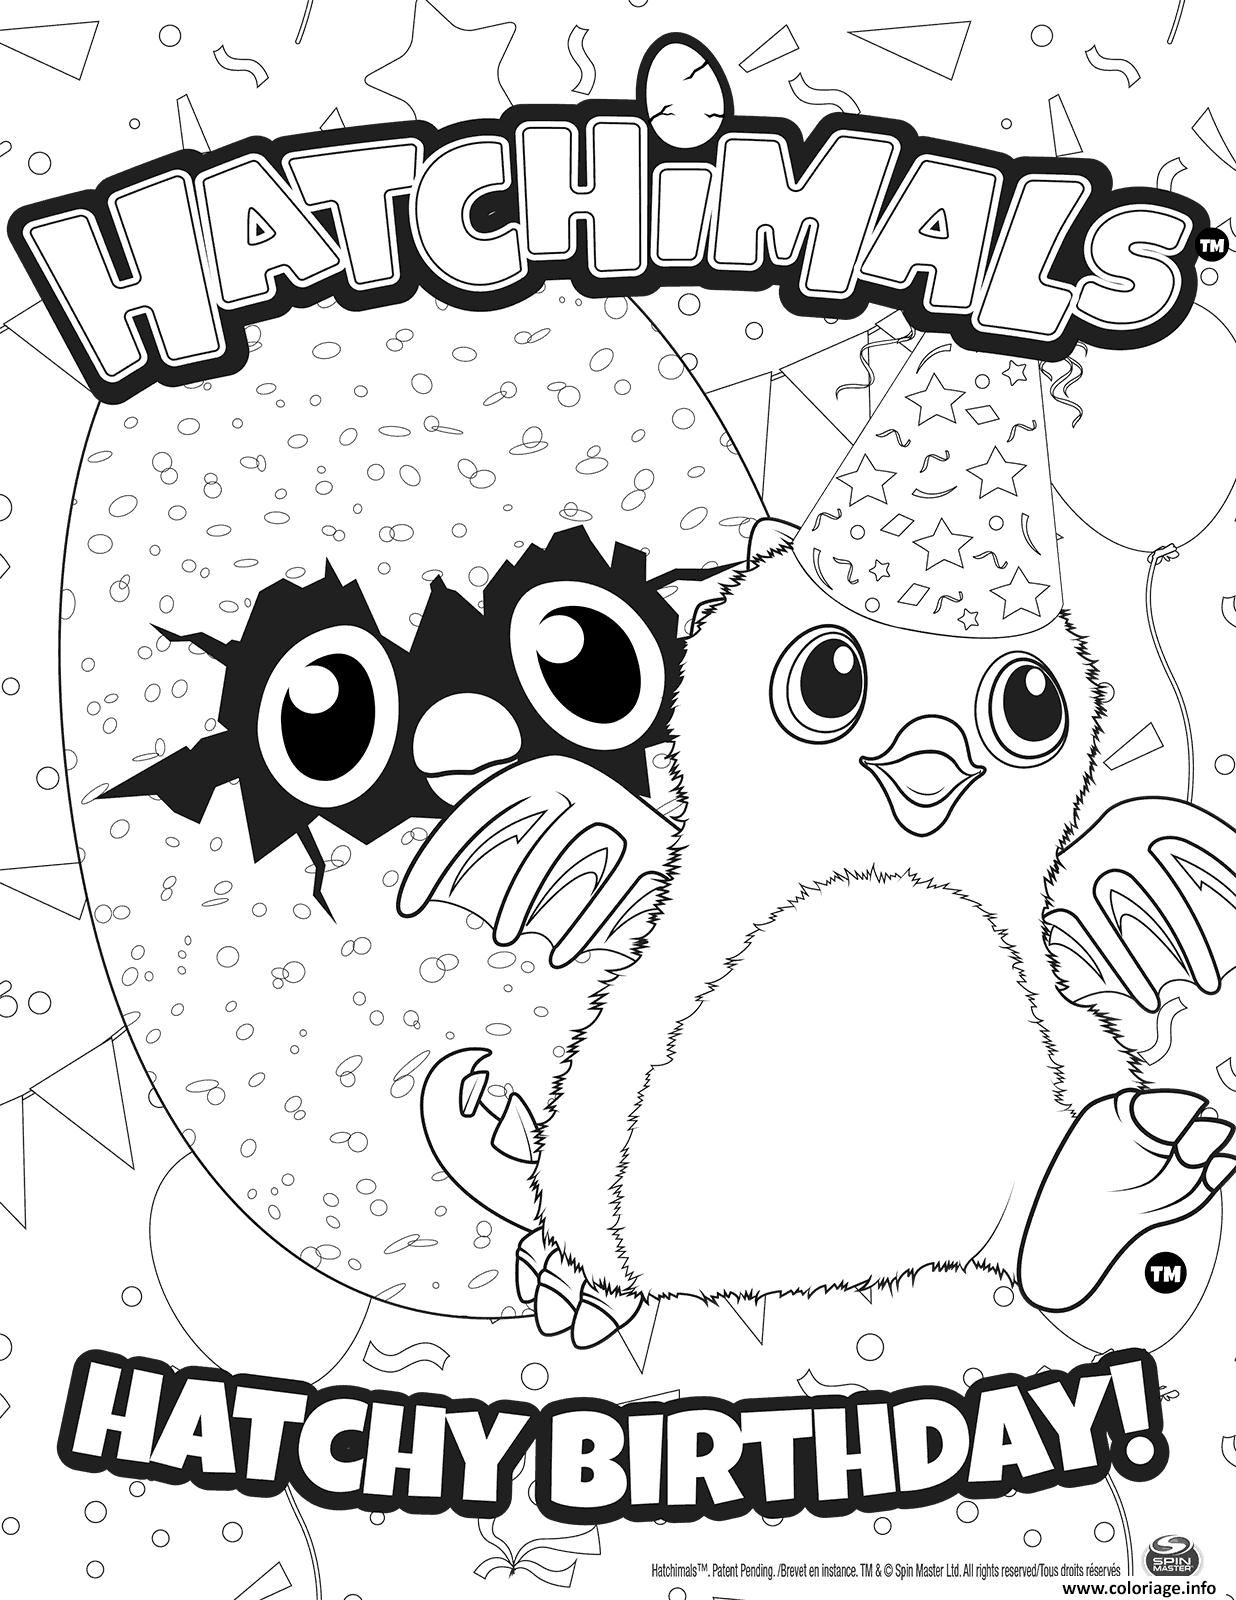 Coloriage Hatchimals Joyeux Anniversaire Jecolorie Com